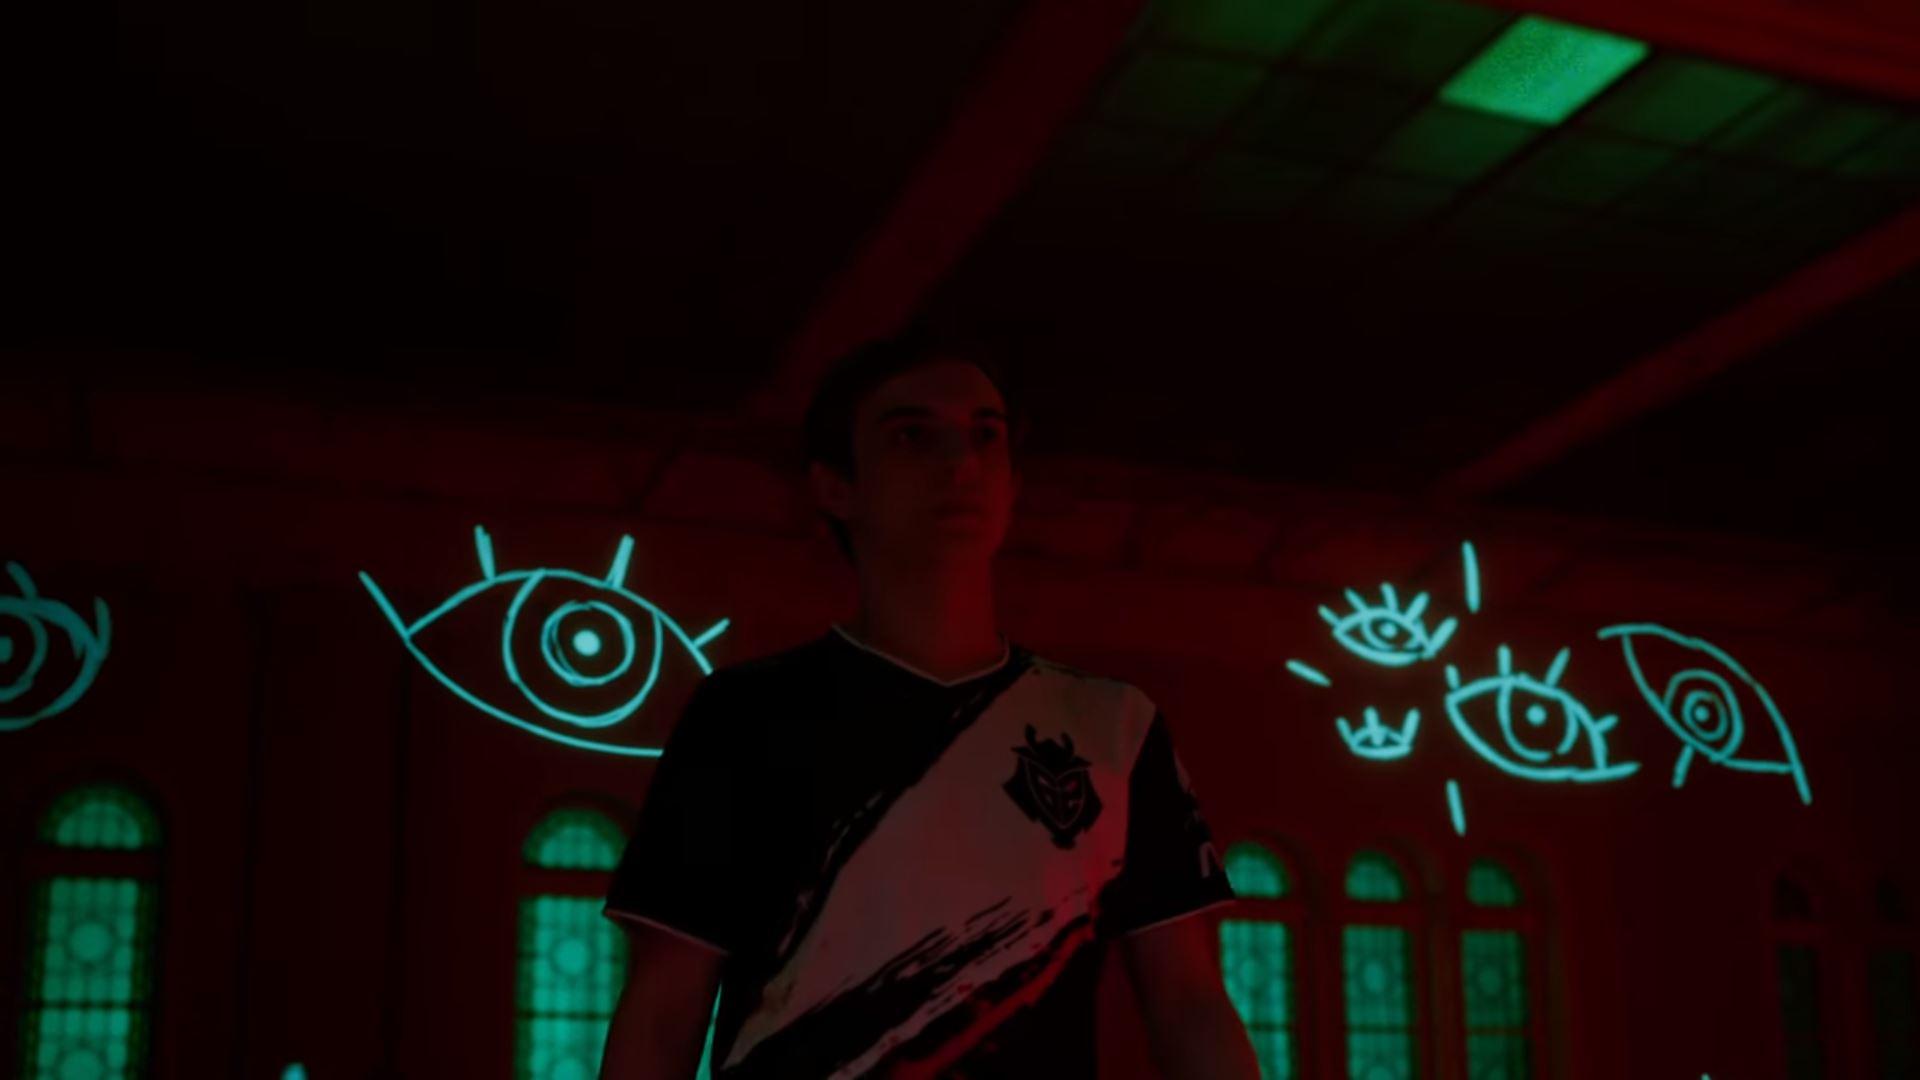 Caps standing in a dark room